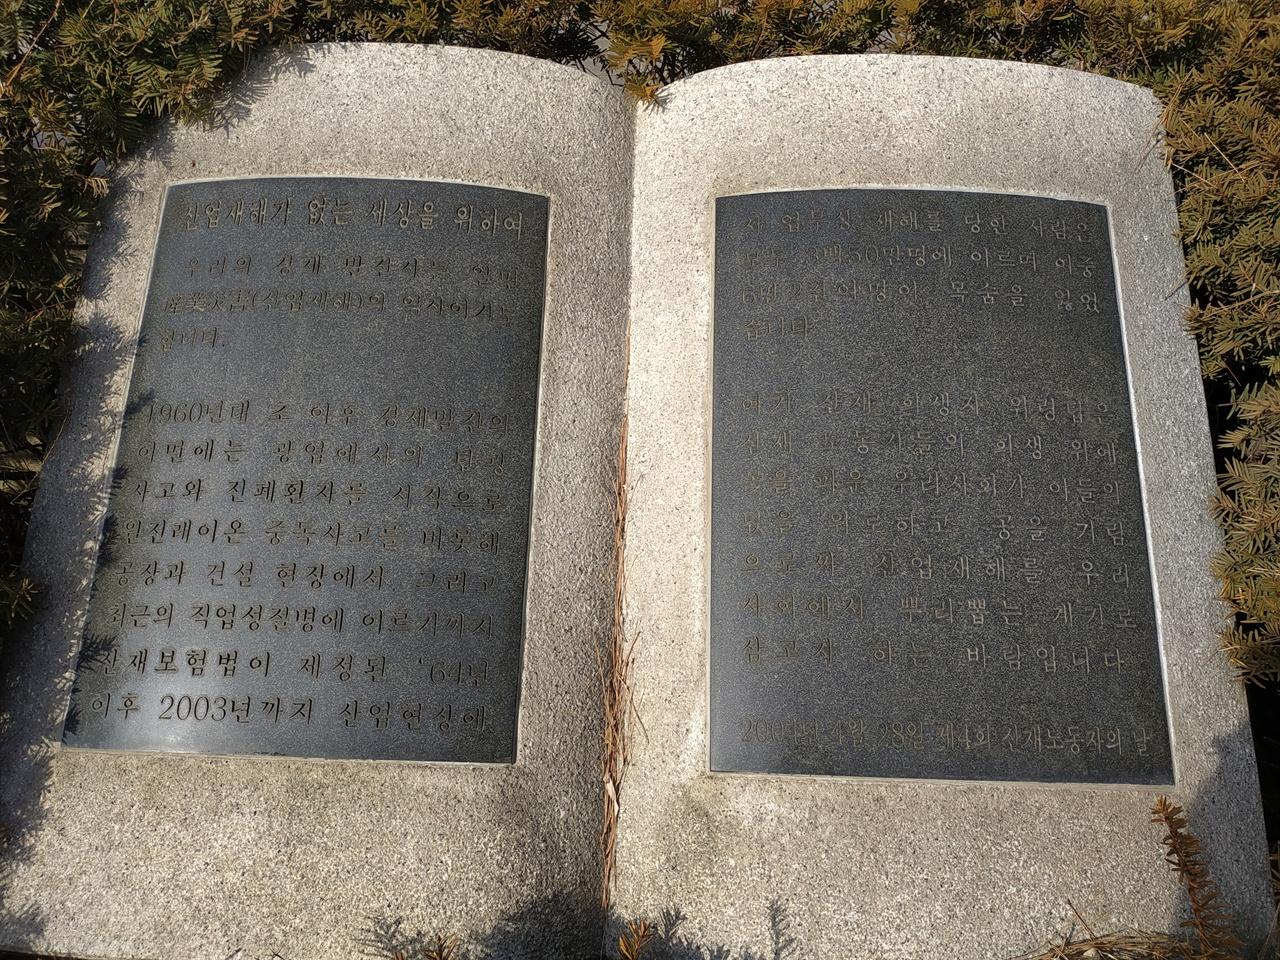 """""""산업재해가 없는 세상을 위하여"""" 보라매공원 산업재해희생자위령탑 앞에는 두 개의 건립 취지문이 있다. 사진은 2004년 4월 28일 제4회 산재노동자의 날 추모제에 즈음하여 한국노총이 만든 취지문이다."""